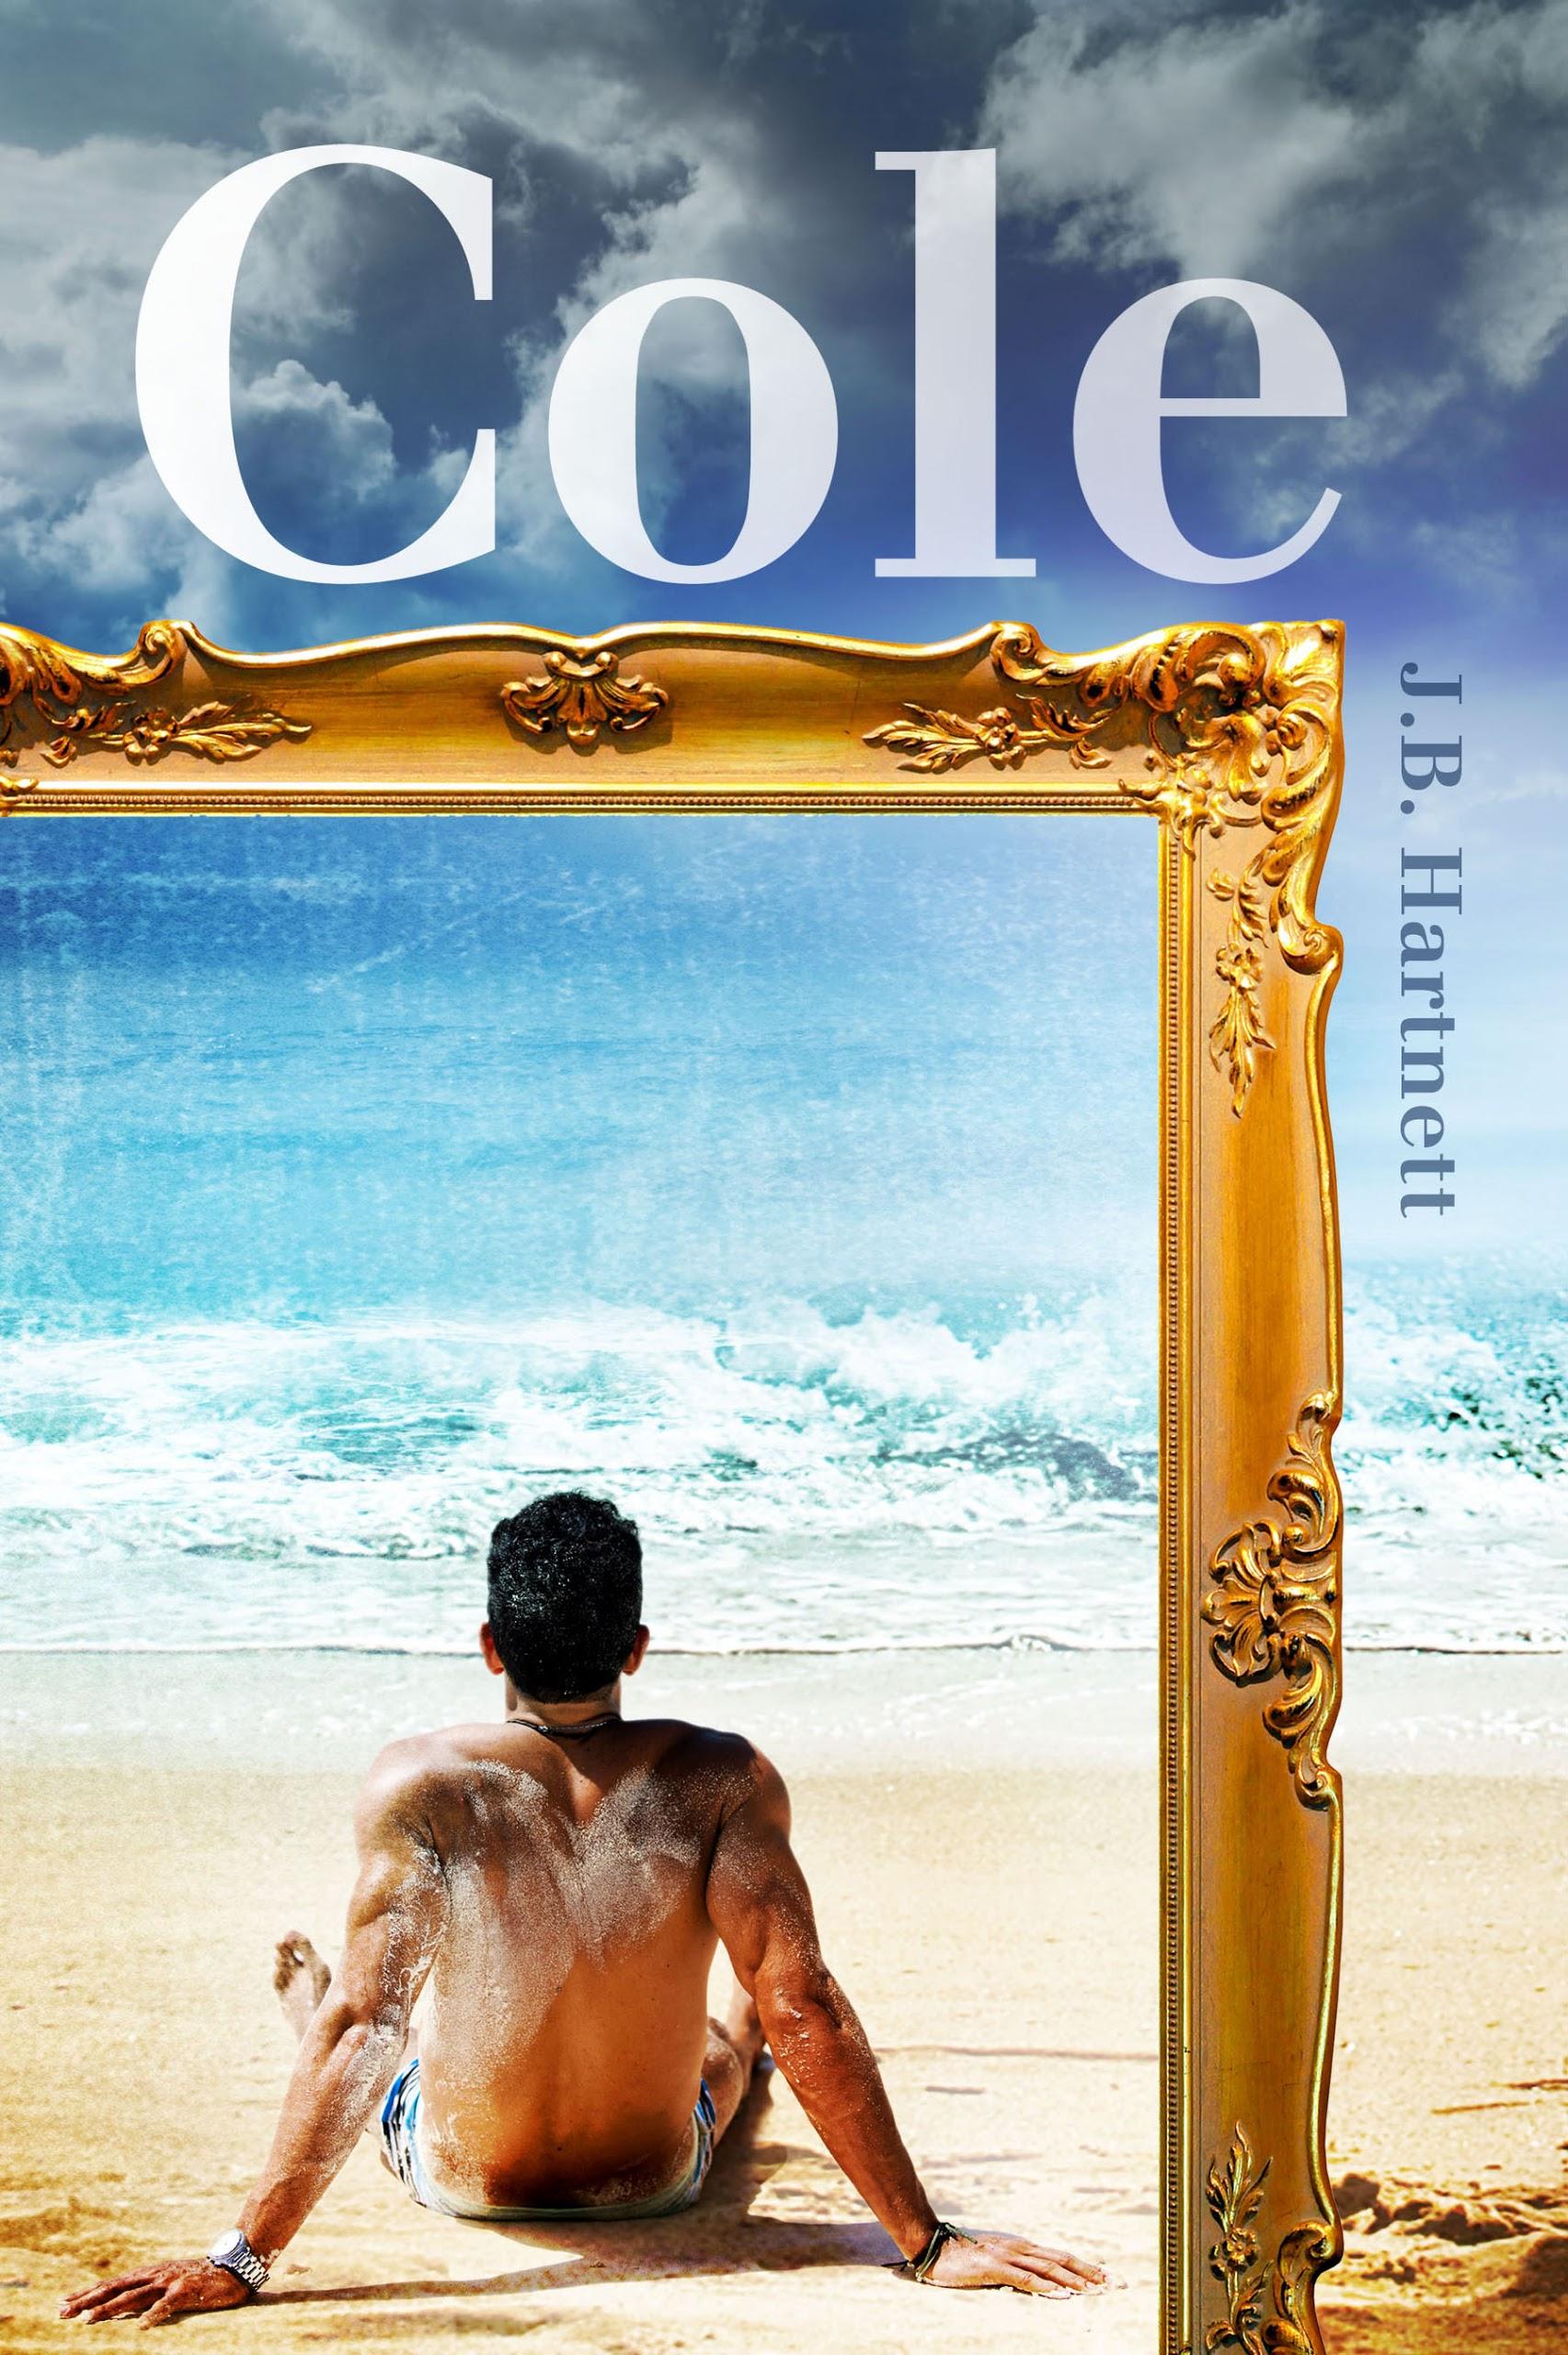 Cole By J. B. Hartnett